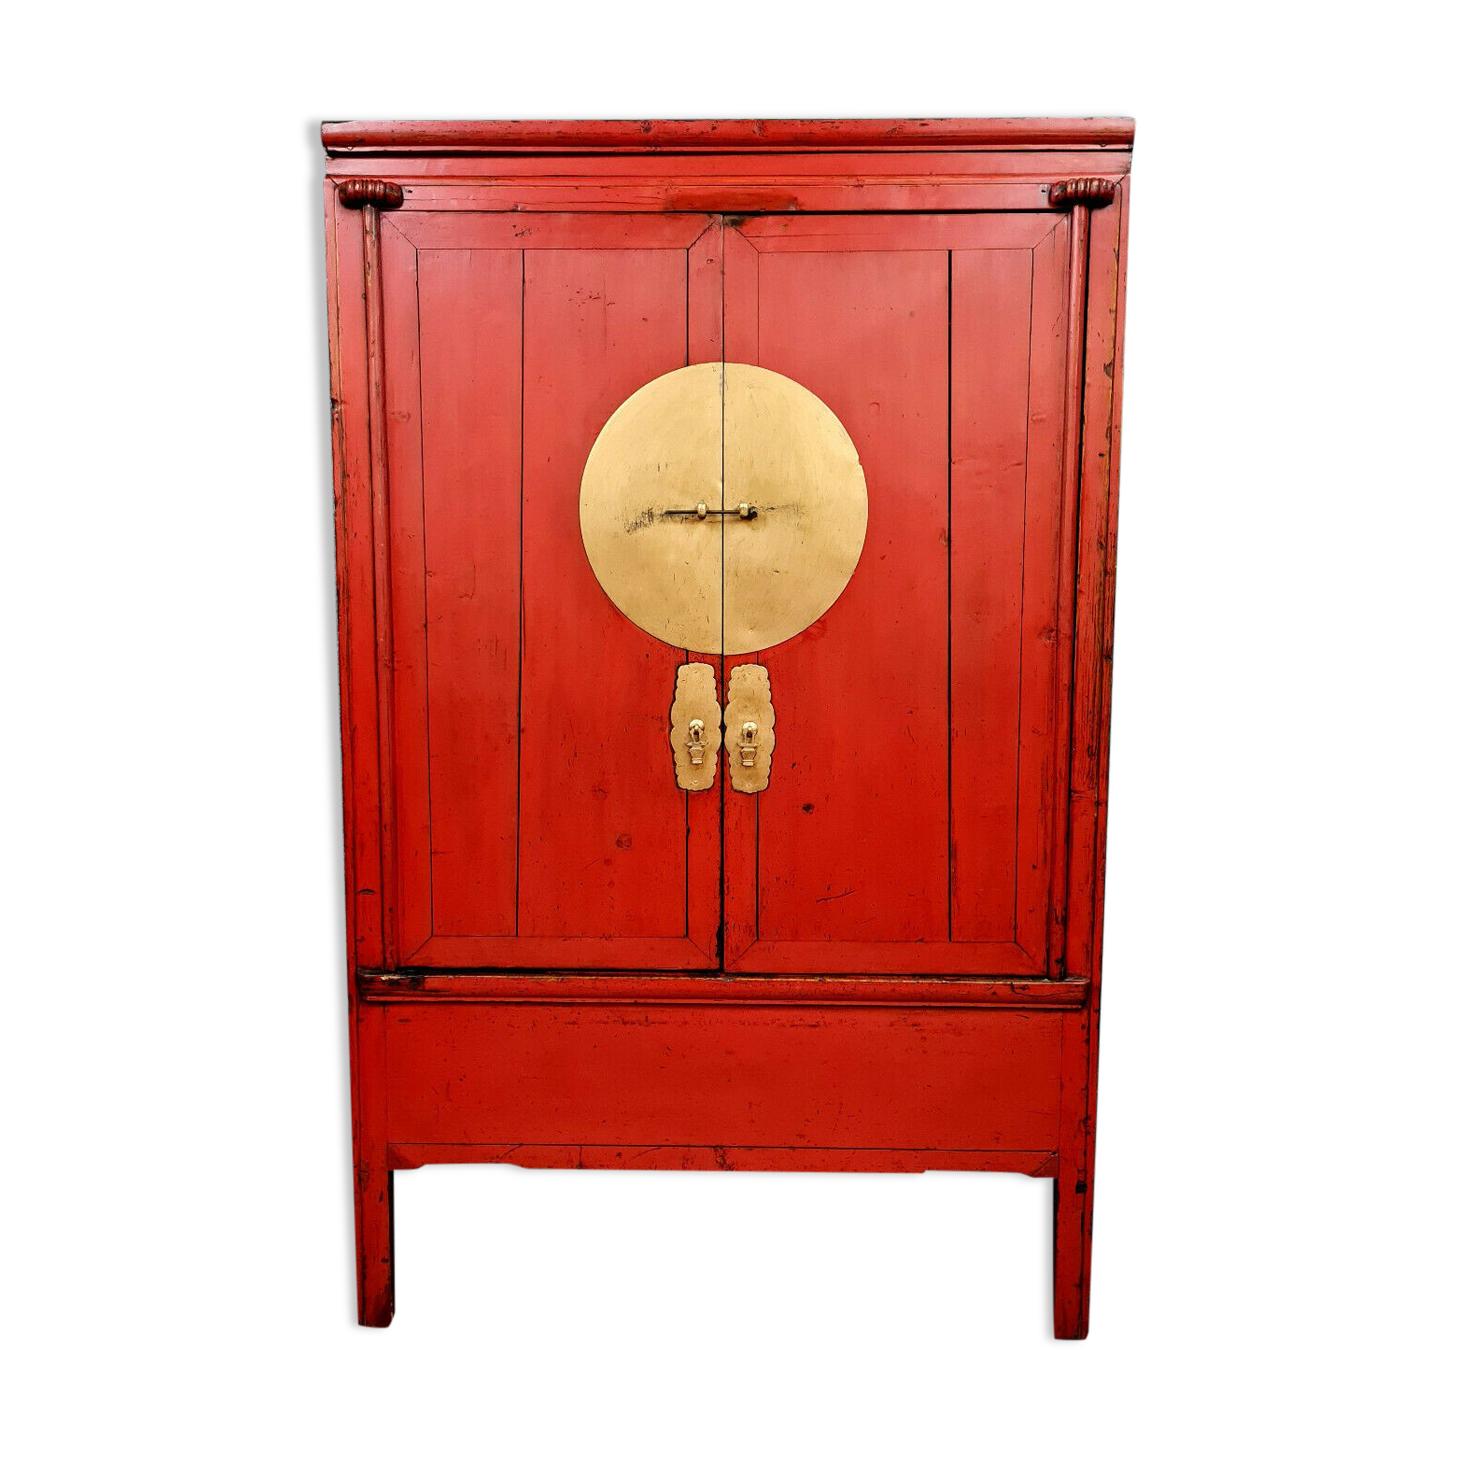 meuble d'appui japonisant en laque rouge vers 1940